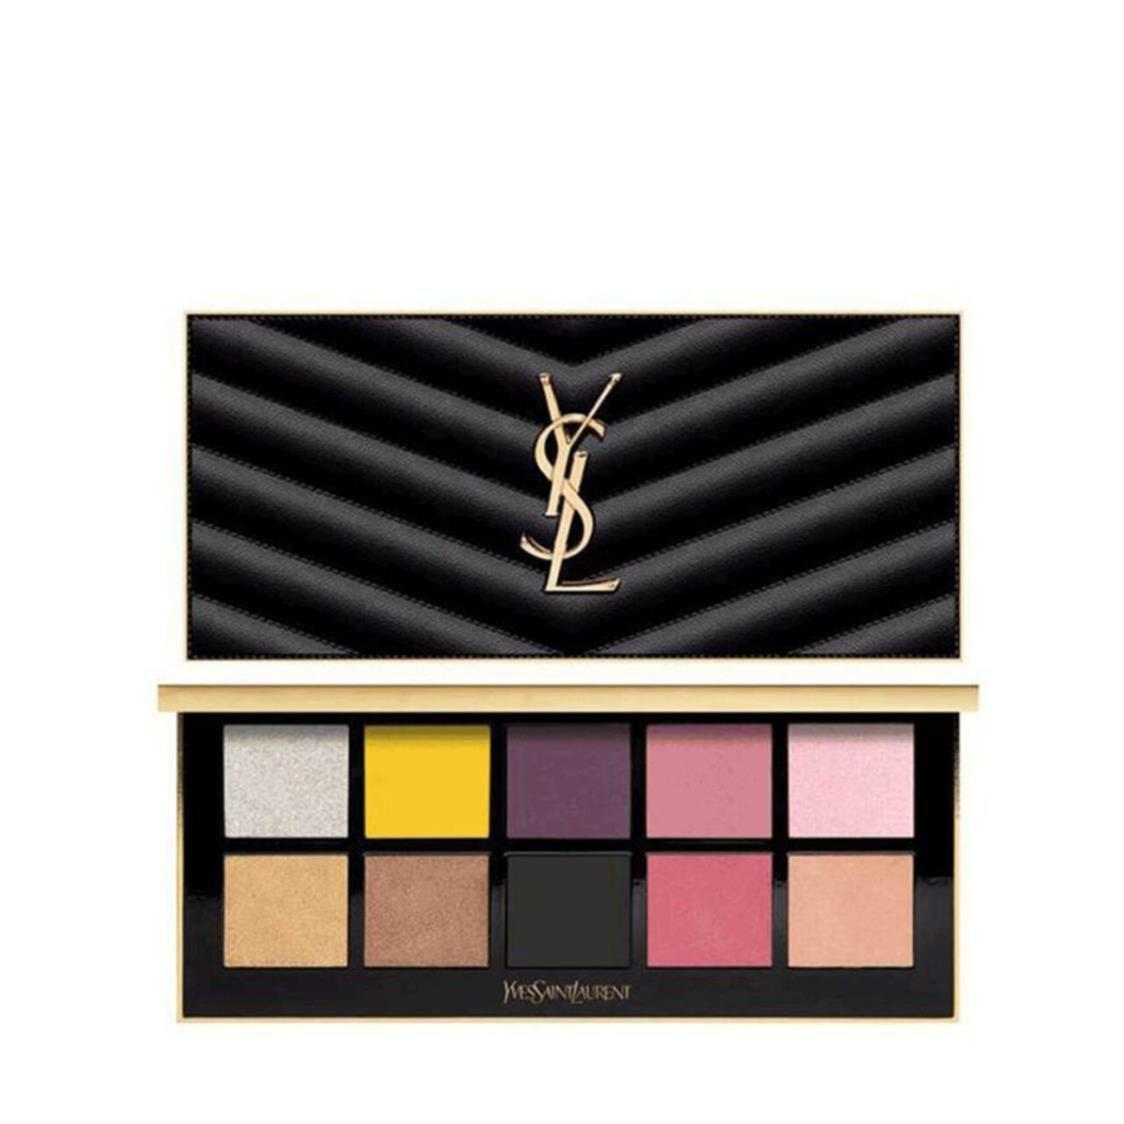 Yves Saint Laurent Beaute Couture Clutch Eyeshadow Palette Paris